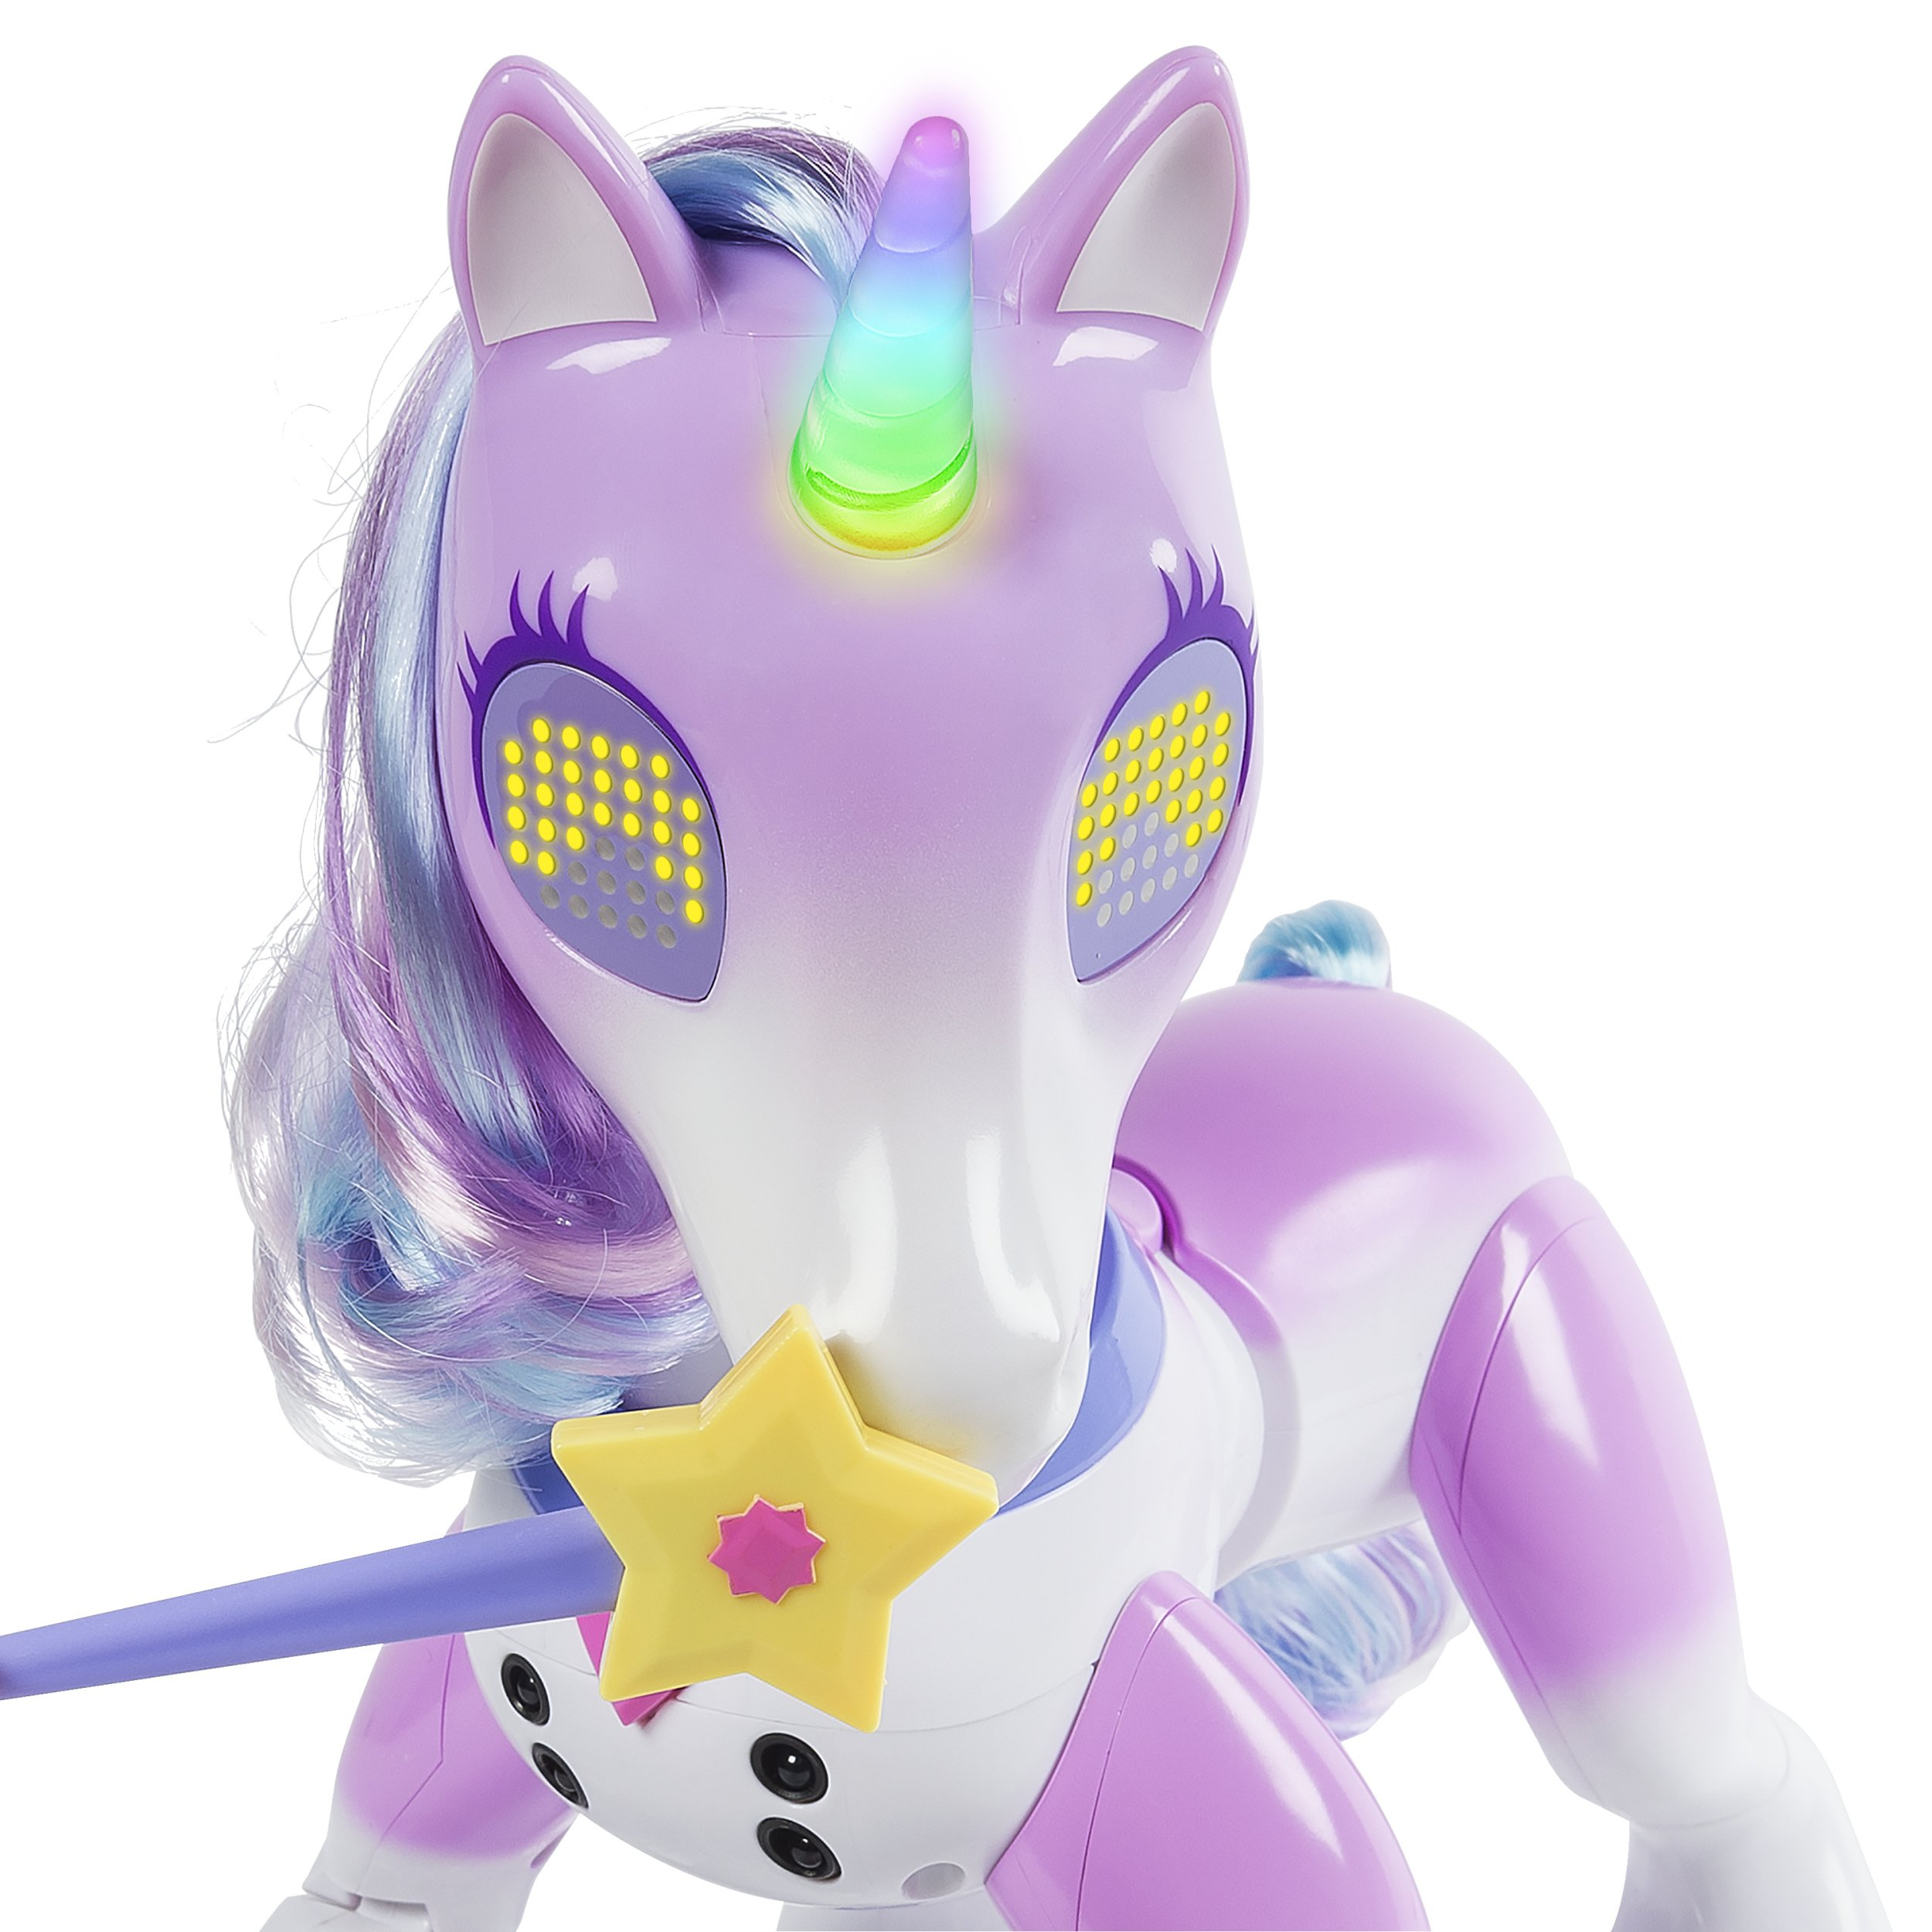 Zoomer 6040309 Enchanted Unicorn Toy by Zoomer (Image #3)